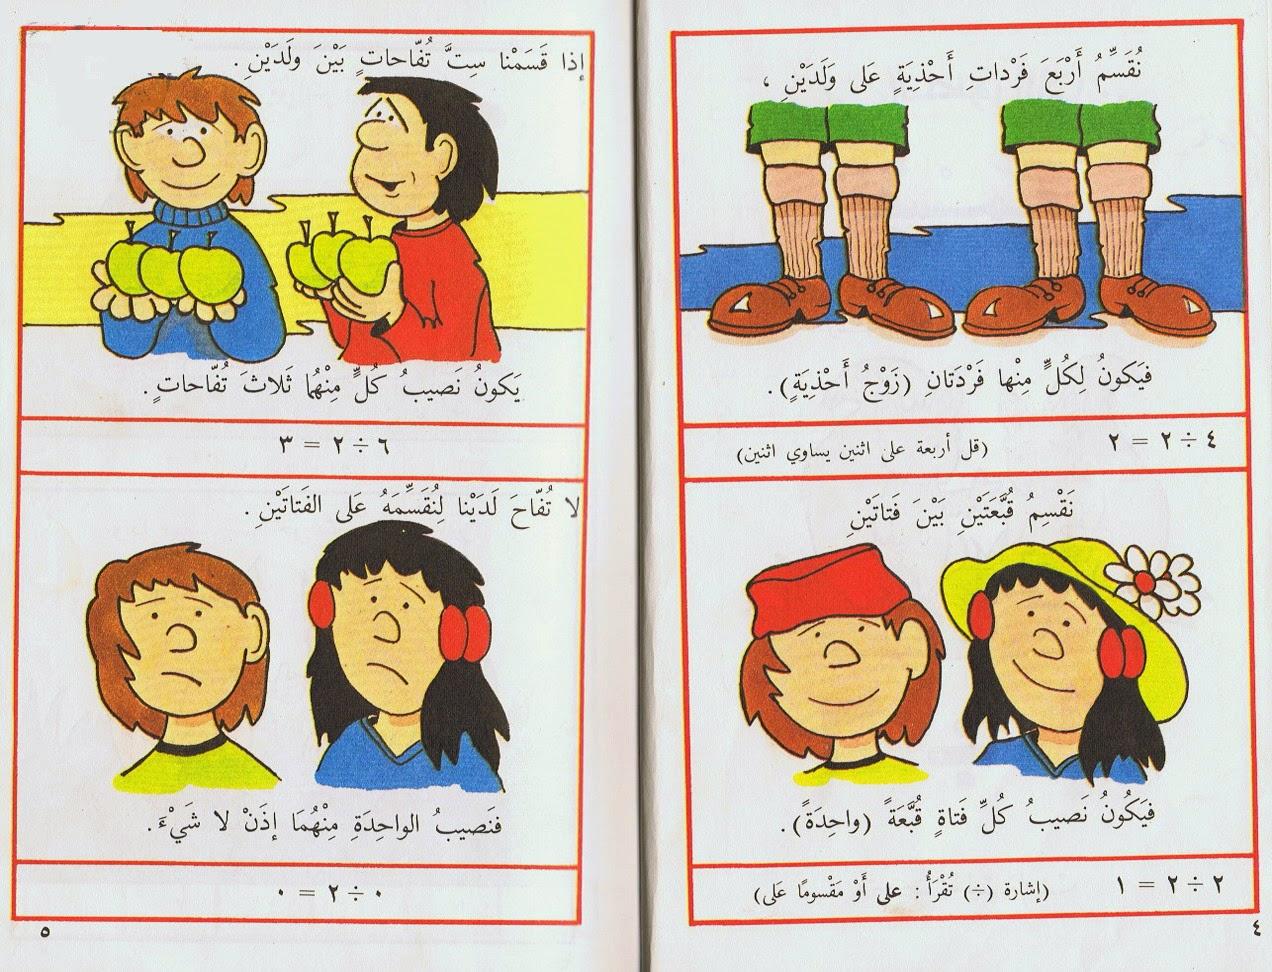 كتاب تعليم القسمة لأطفال الصف الثالث بالألوان الطبيعية 2015 CCI05062012_00032.jp